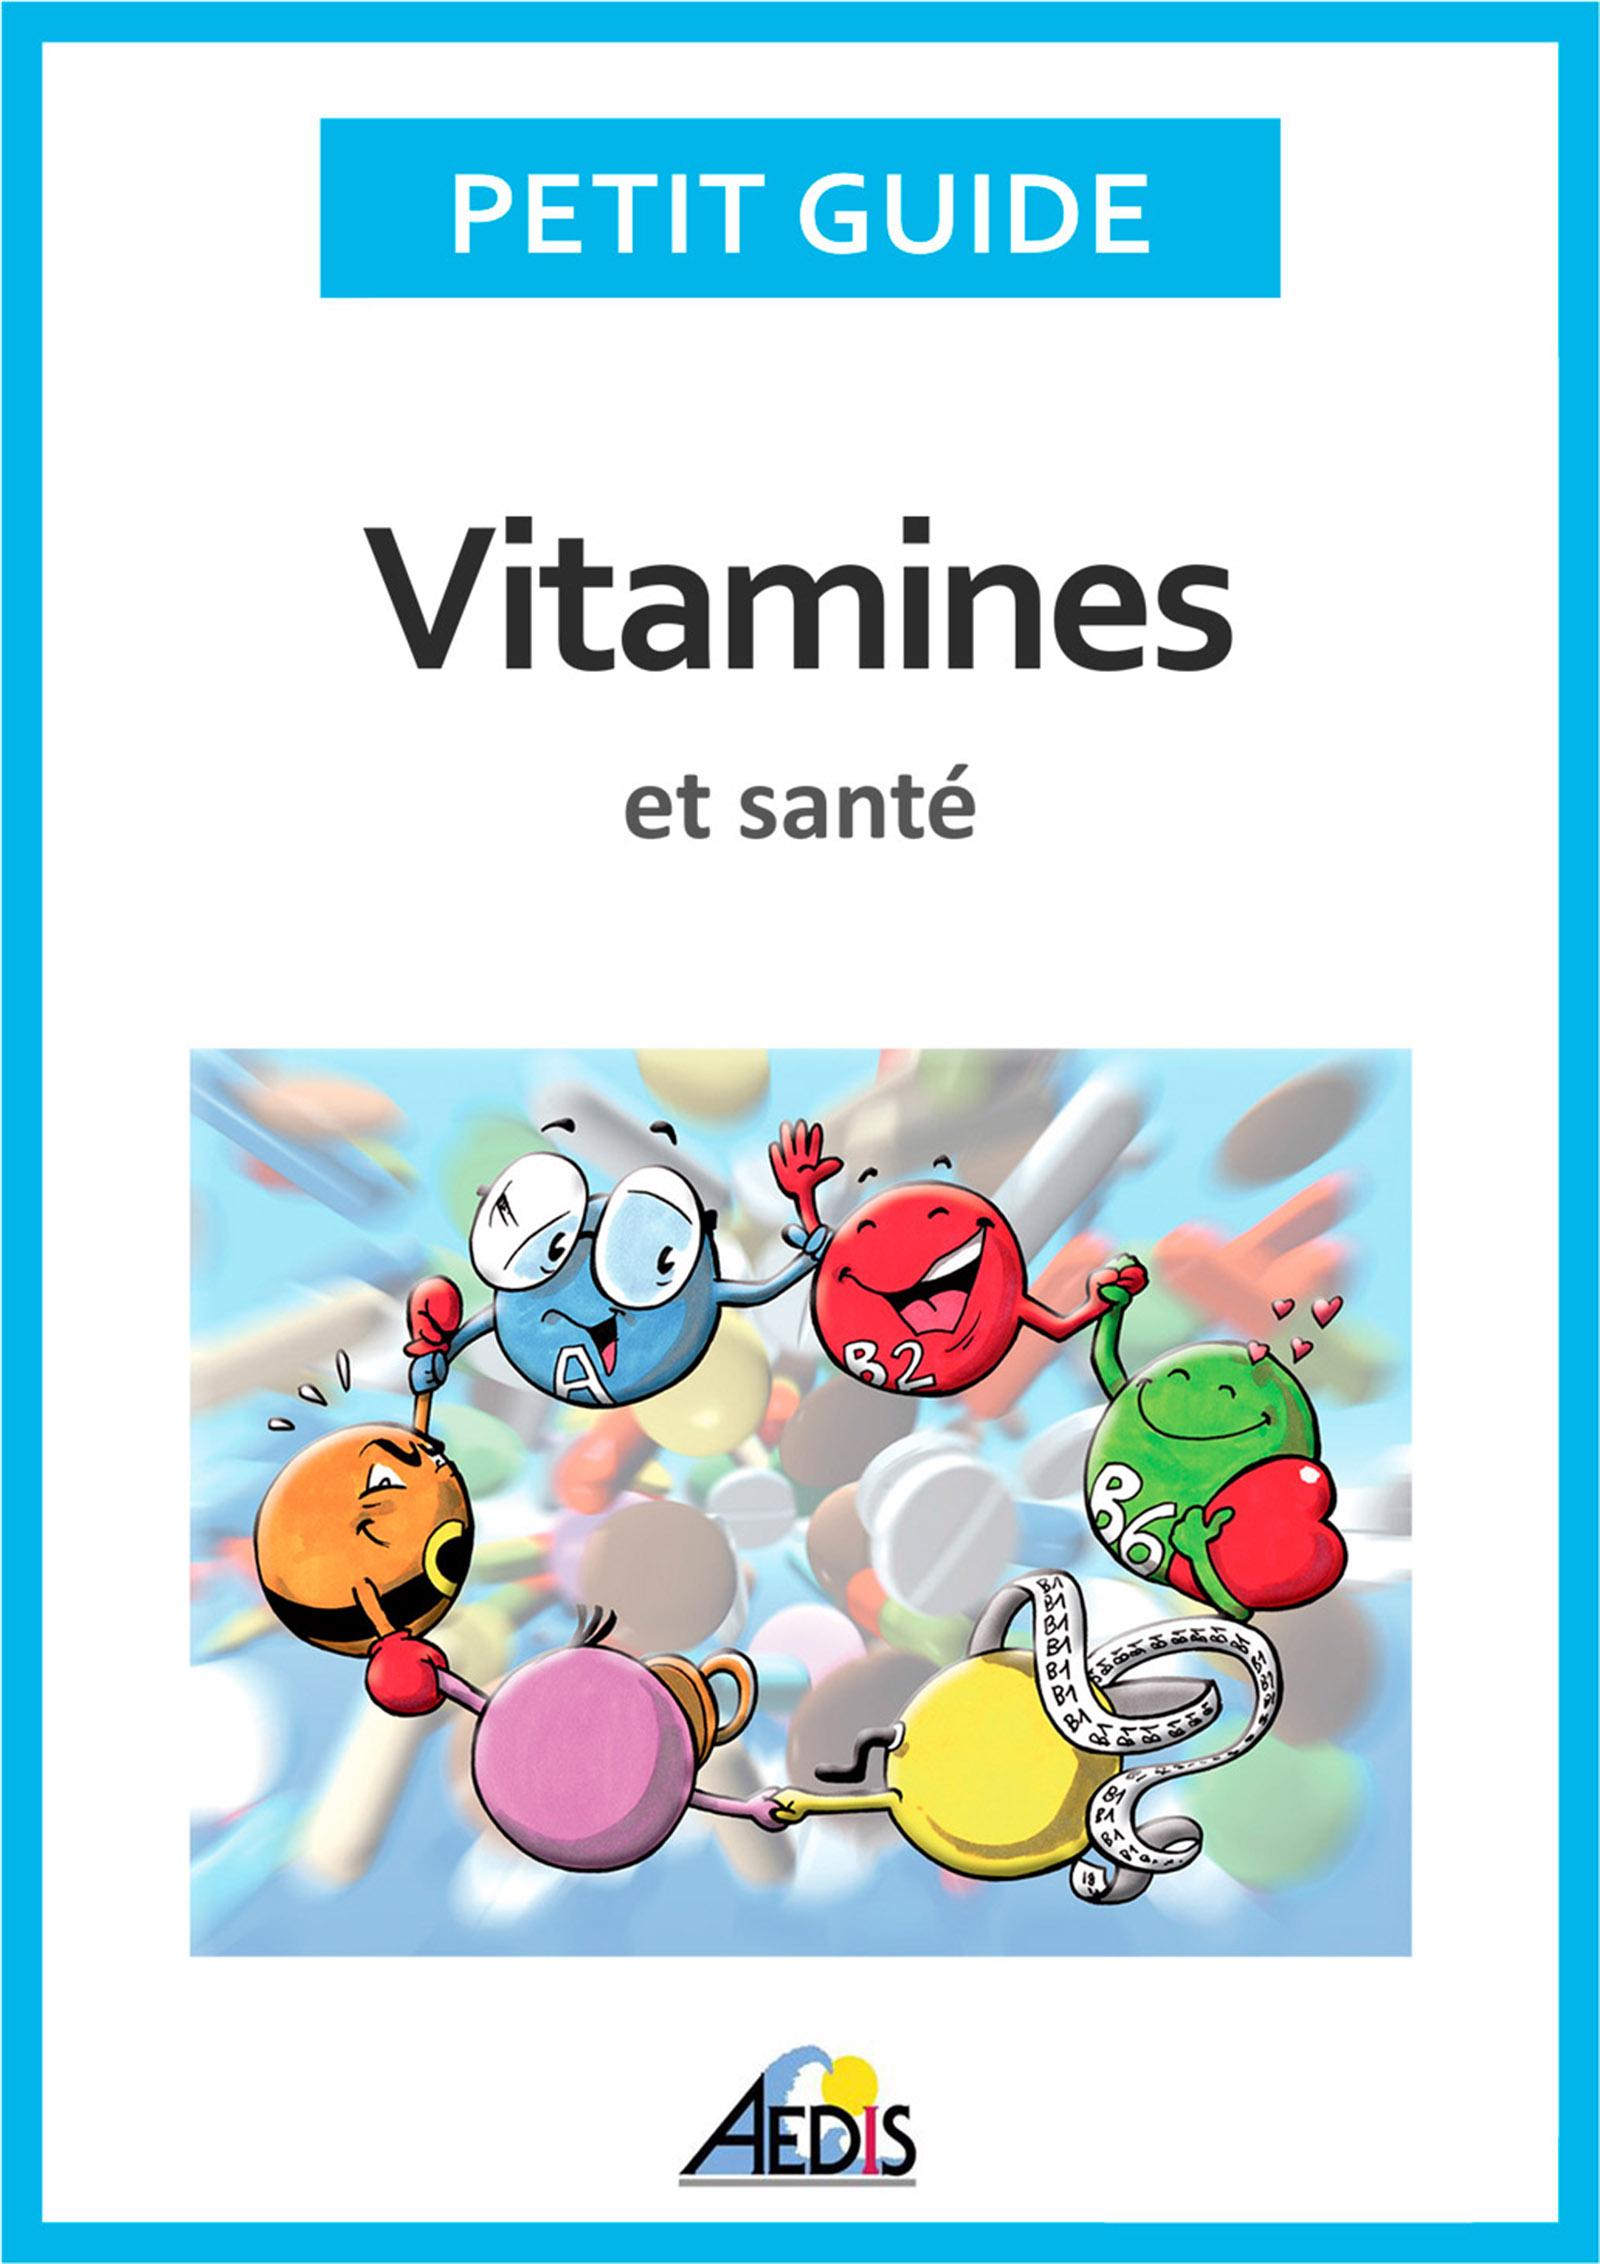 Vitamines et sant?